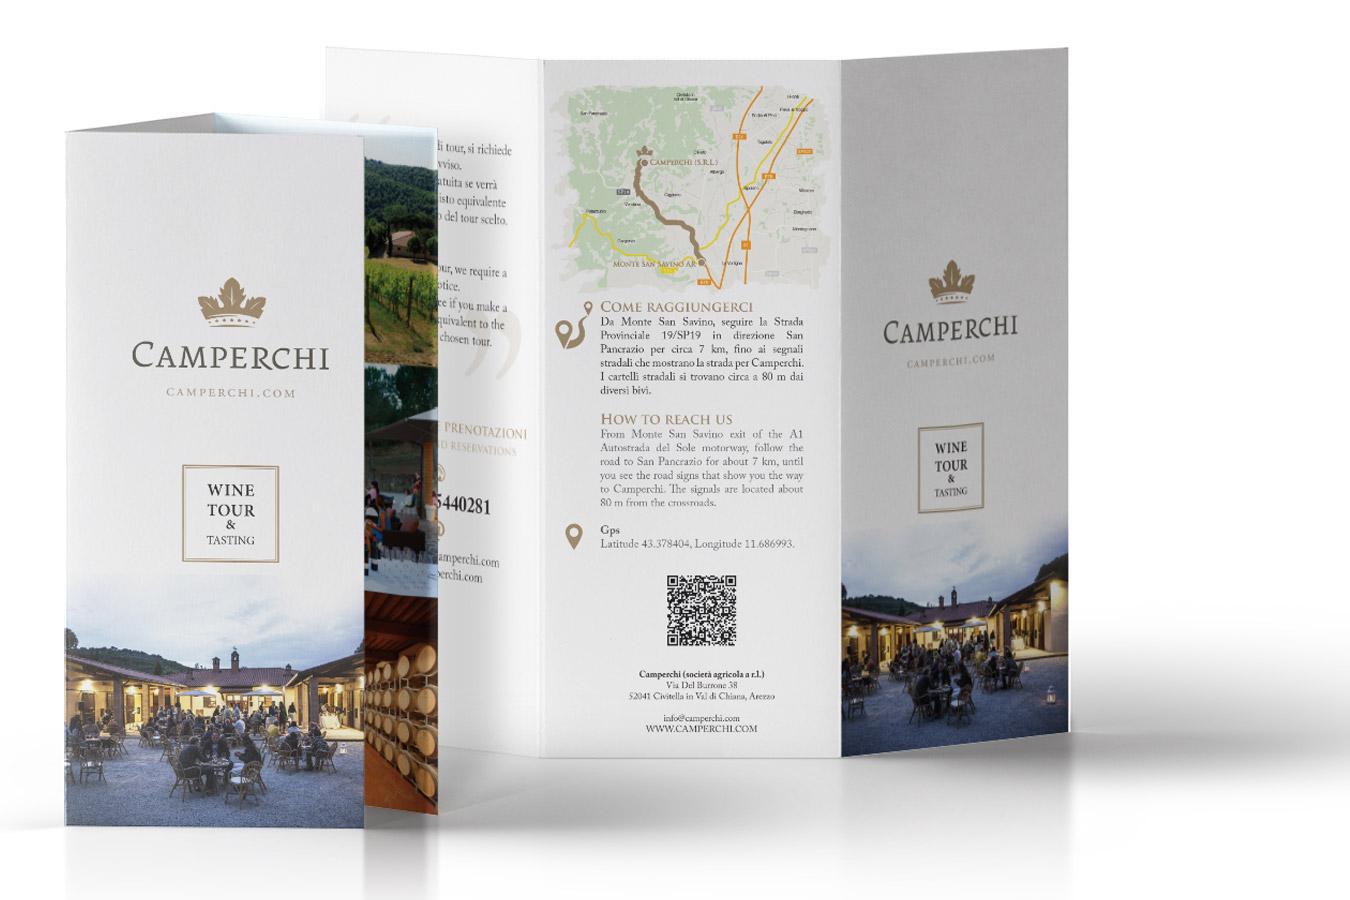 Camperchi Brand camperchi 10